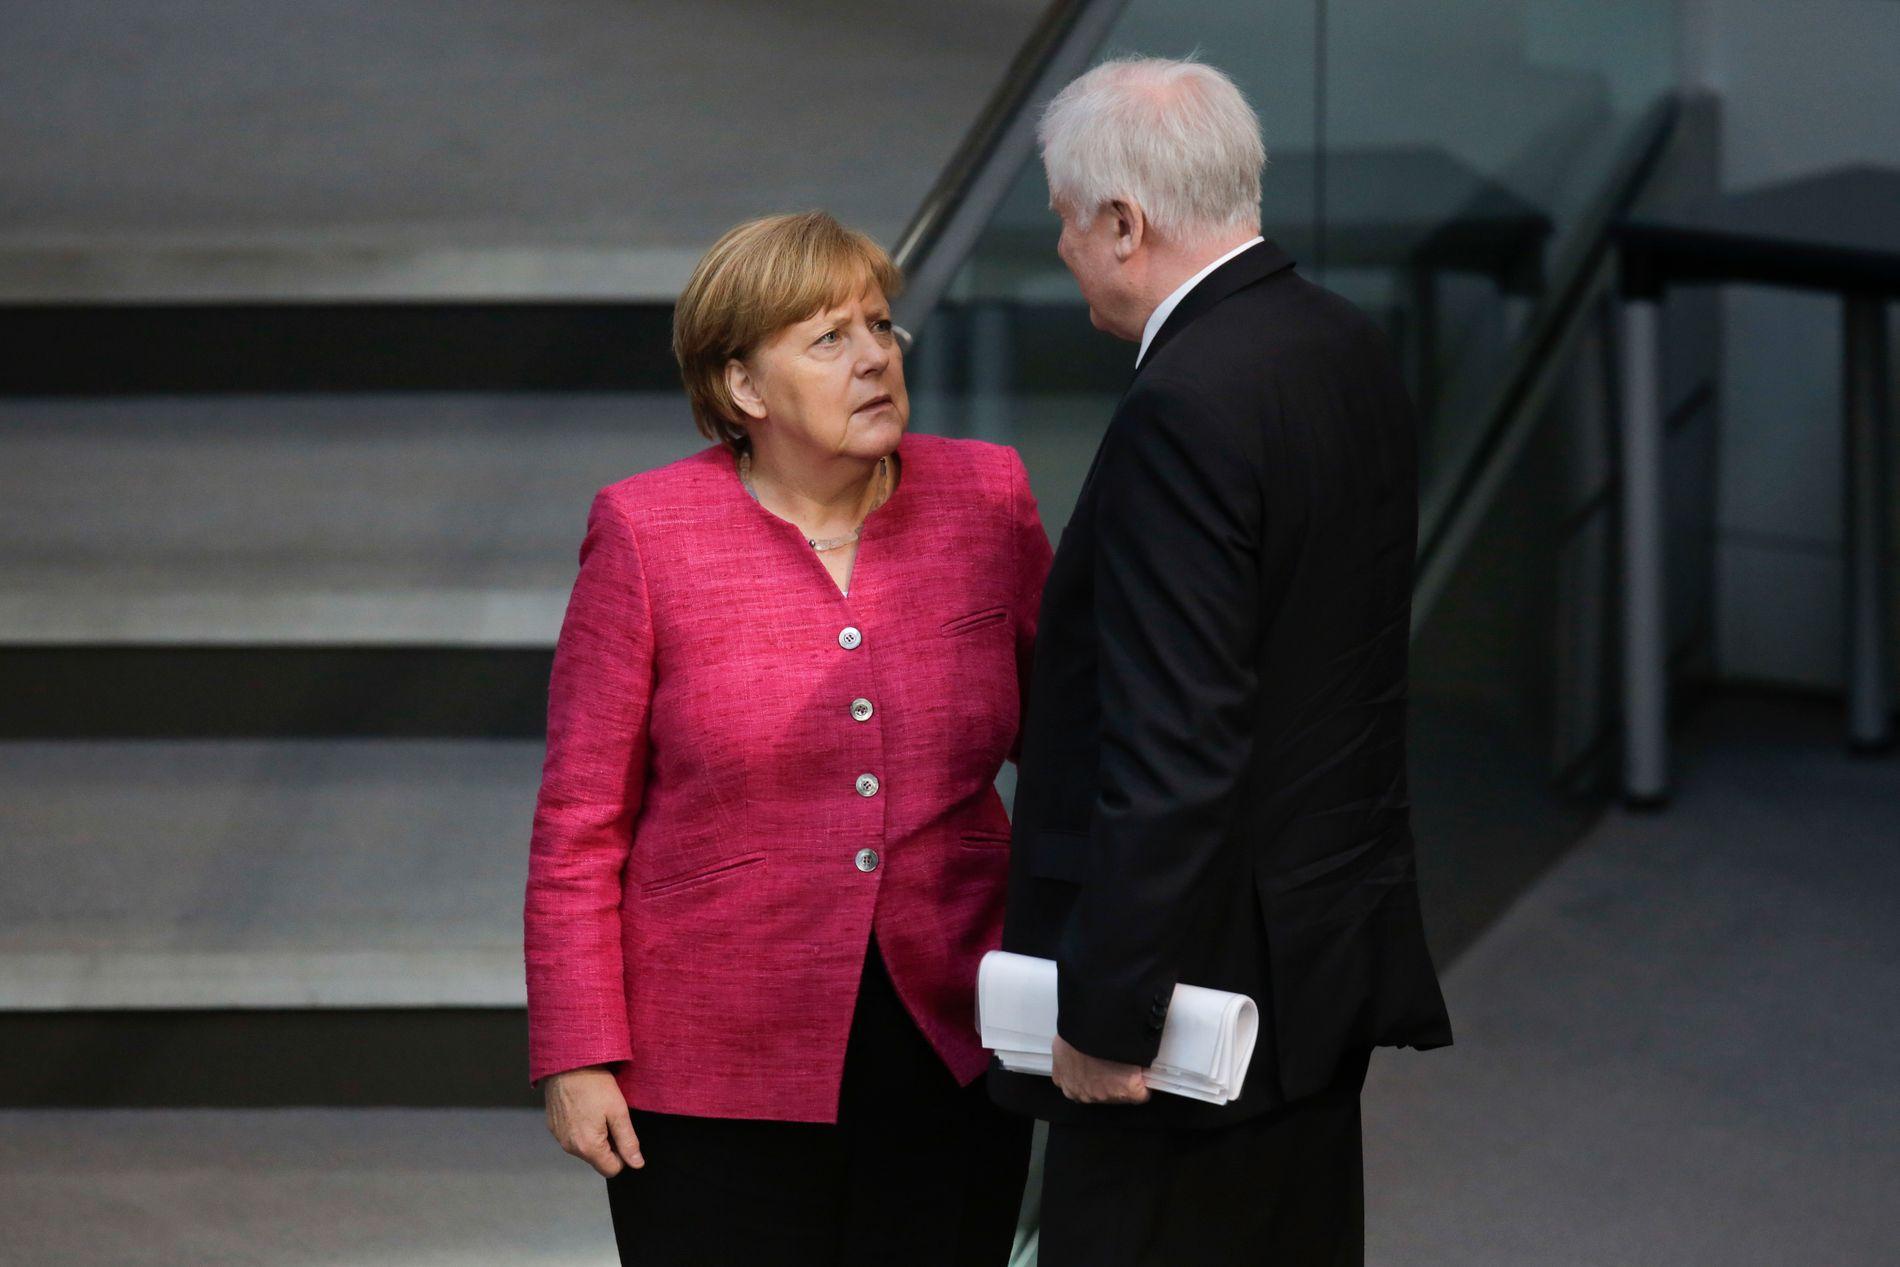 MAKTKAMP: Innenriksminister Horst Seehofer fra det bayerske CSU har sagt sjefen, Angela Merkel, midt i mot, og vil presse igjennom en «masterplan» for innvandring mot hennes vilje. FOTO: Scanpix